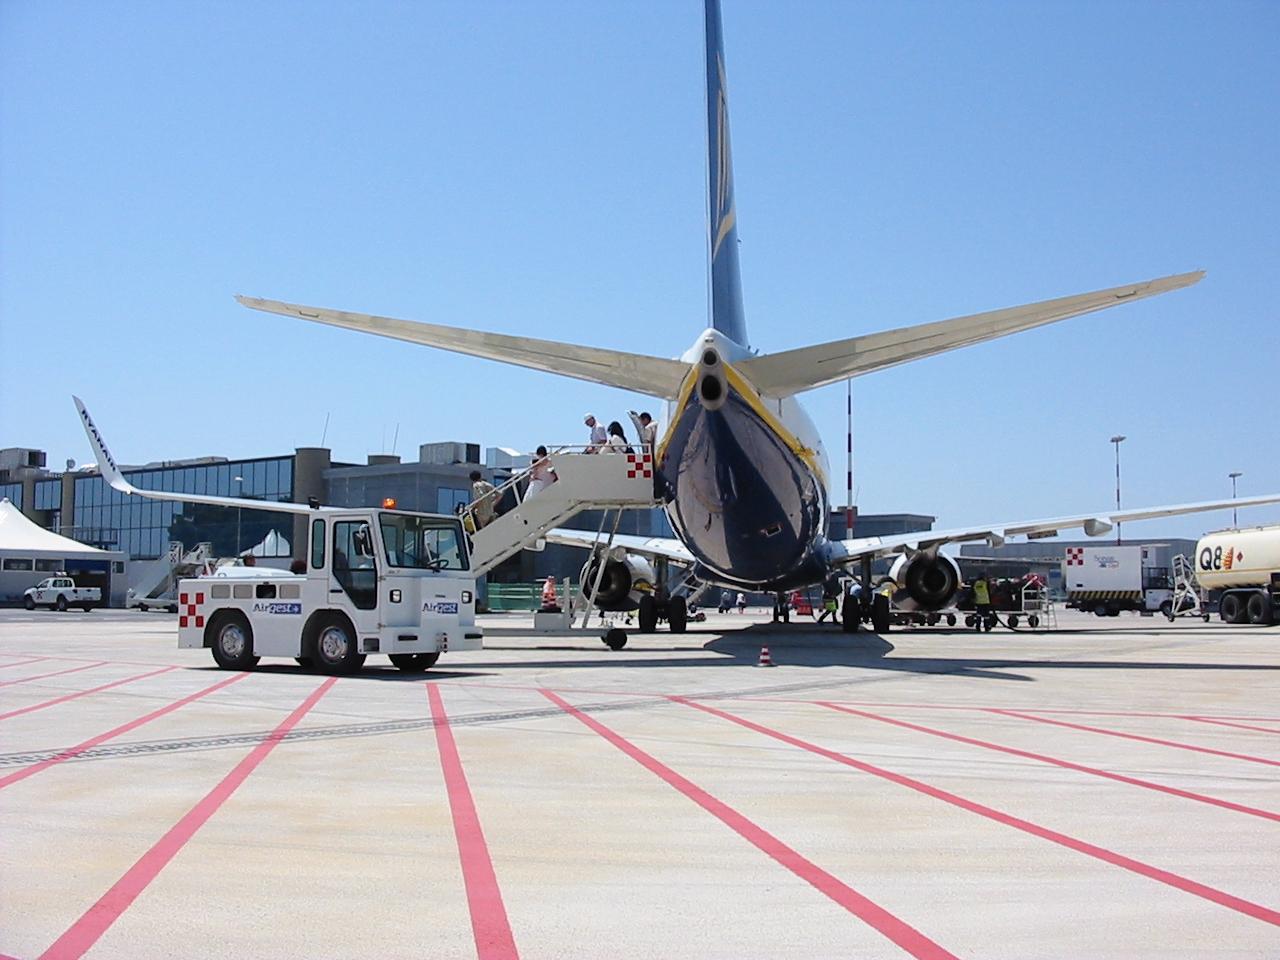 Aeroporto di Trapani, presentate 3 offerte per la continuità territoriale